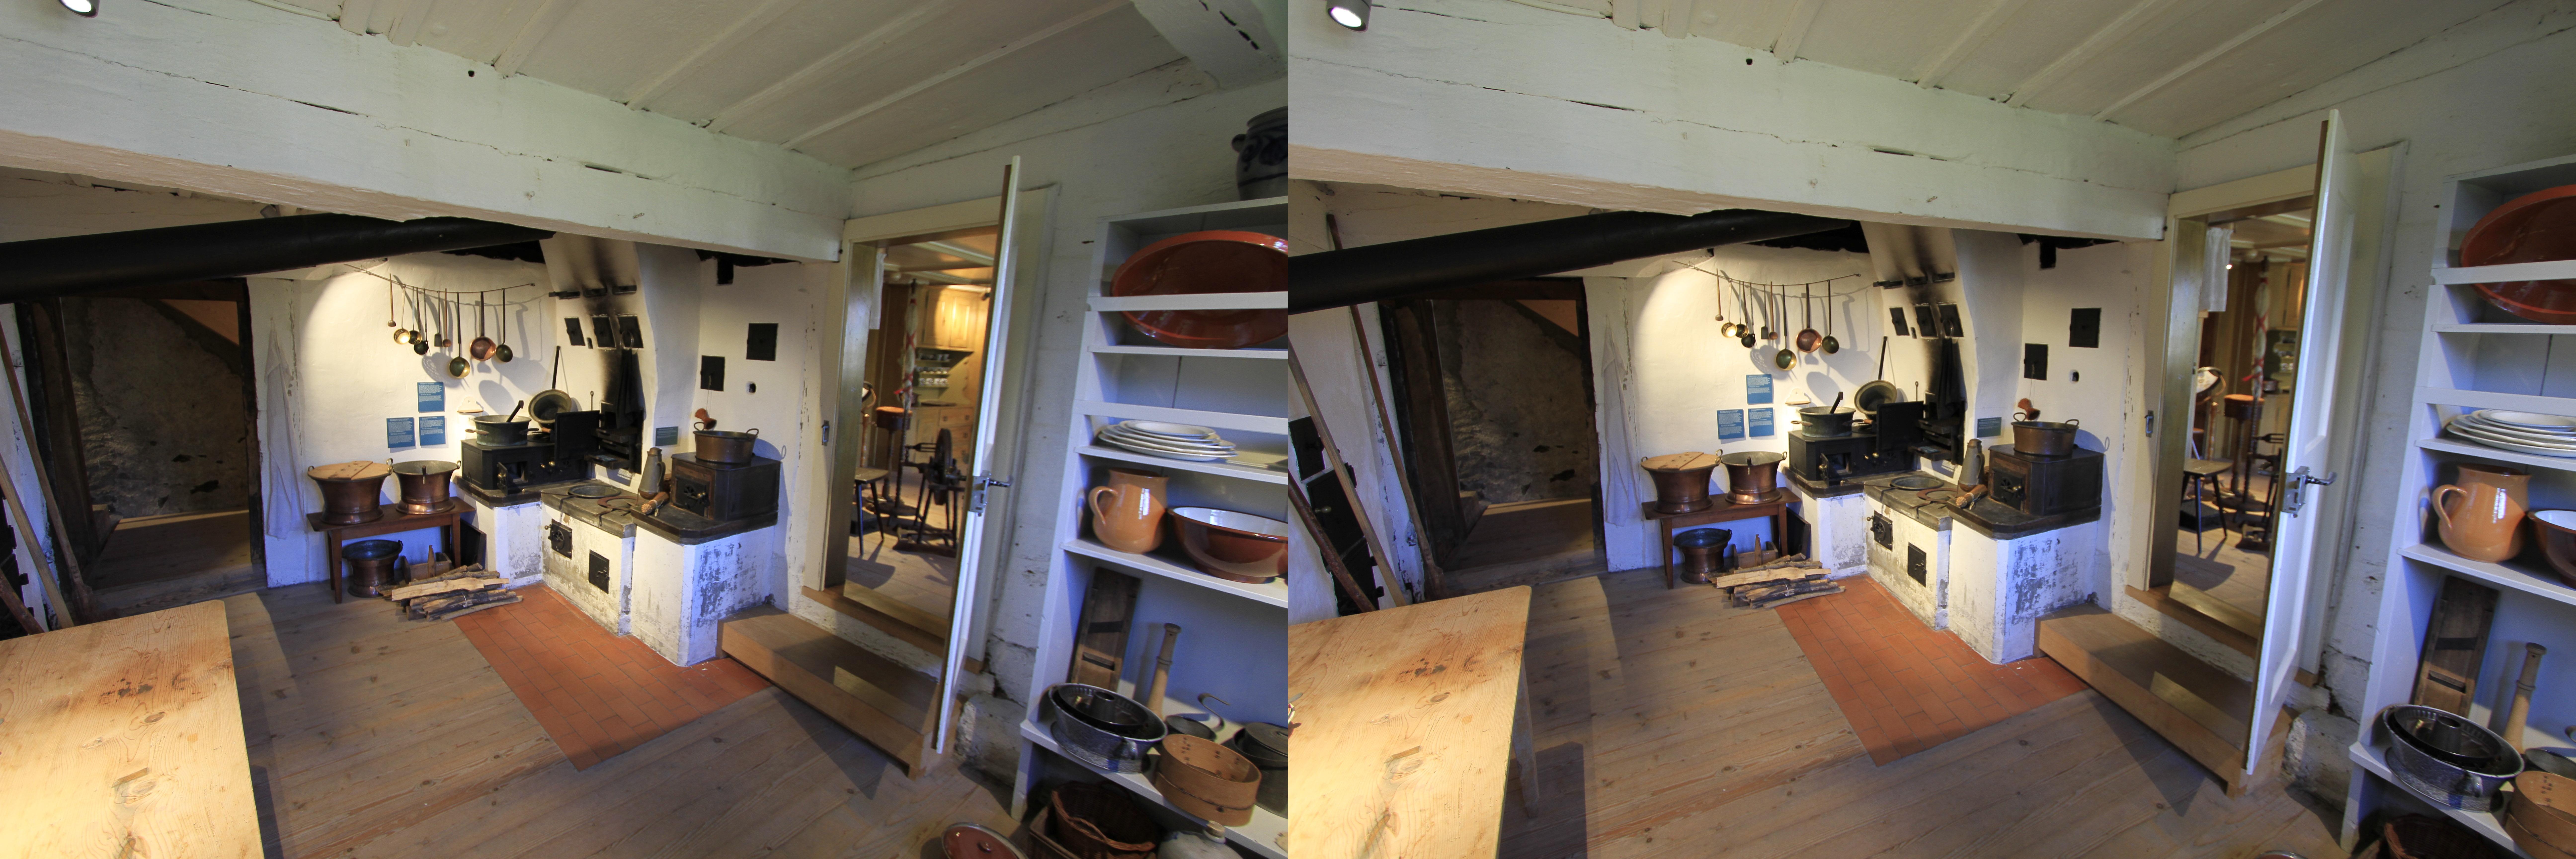 File:Stereo Sbs Werdenberg. Schlangenhaus. Ground Floor. Kitchen   011.JPG